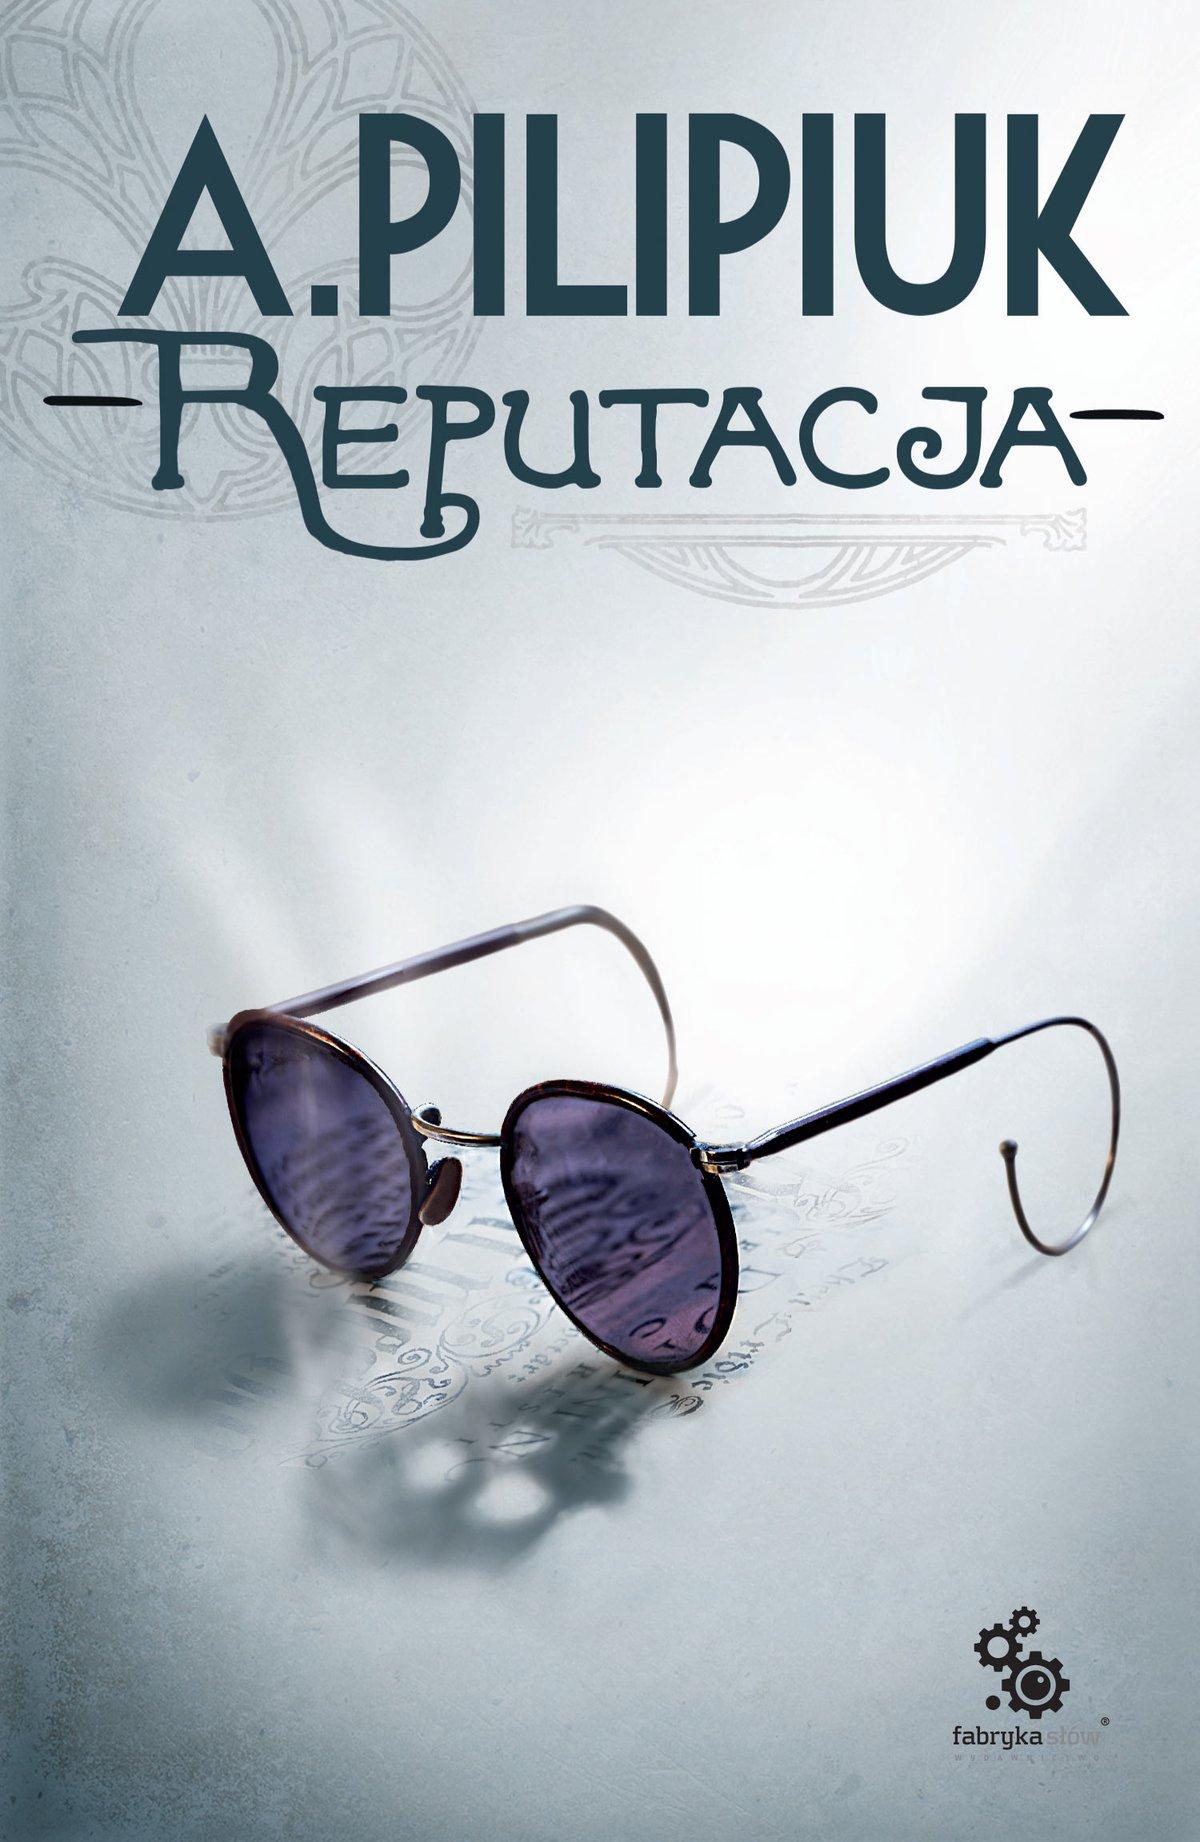 Reputacja - Ebook (Książka EPUB) do pobrania w formacie EPUB